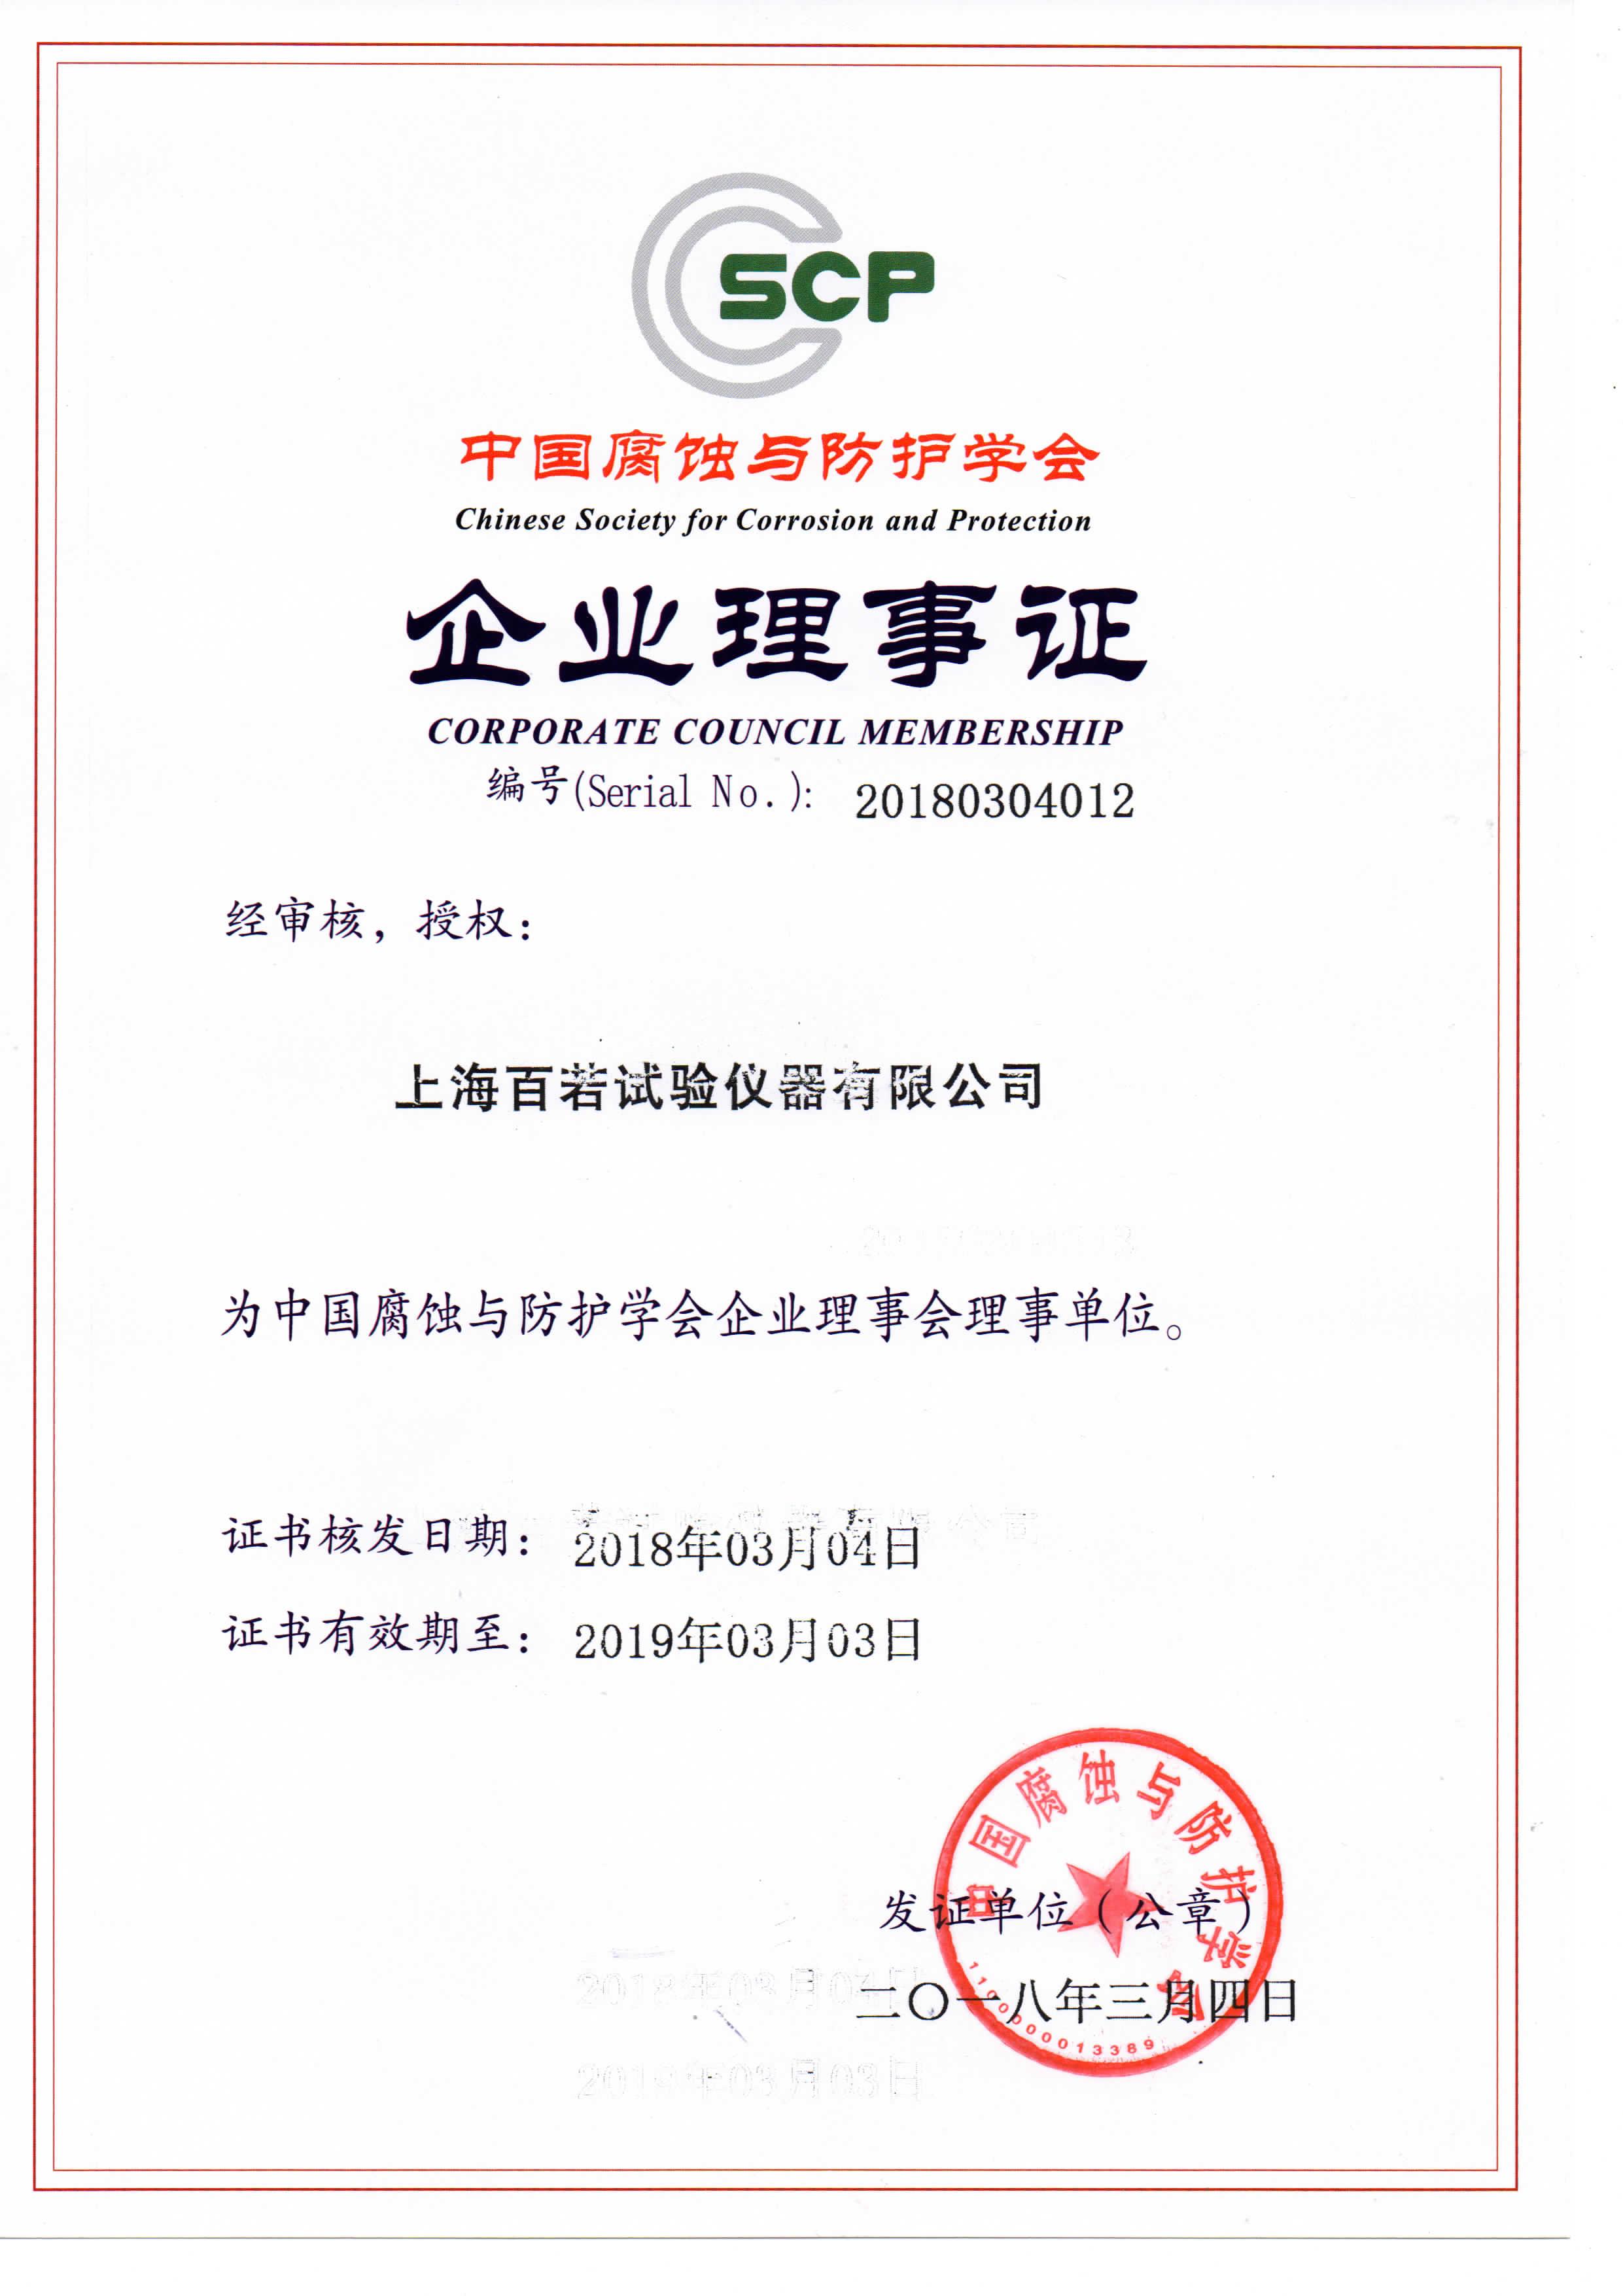 中国腐蚀与防护学会企业理事证